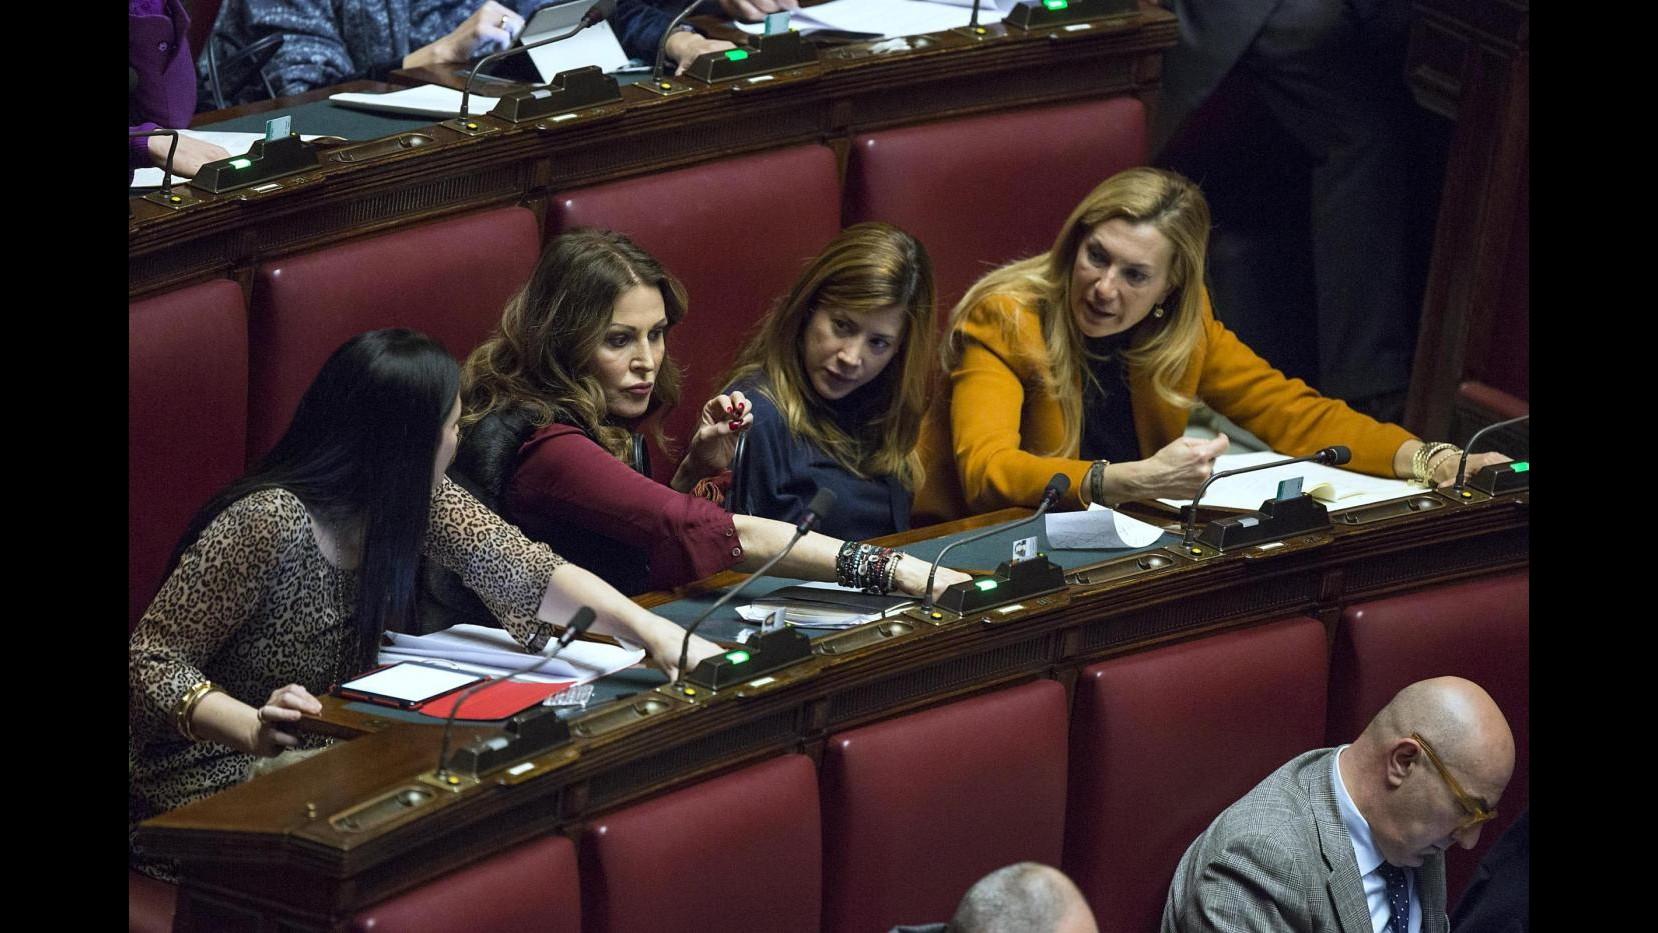 Riforme, Fi vota no ma in 17 firmano documento critico